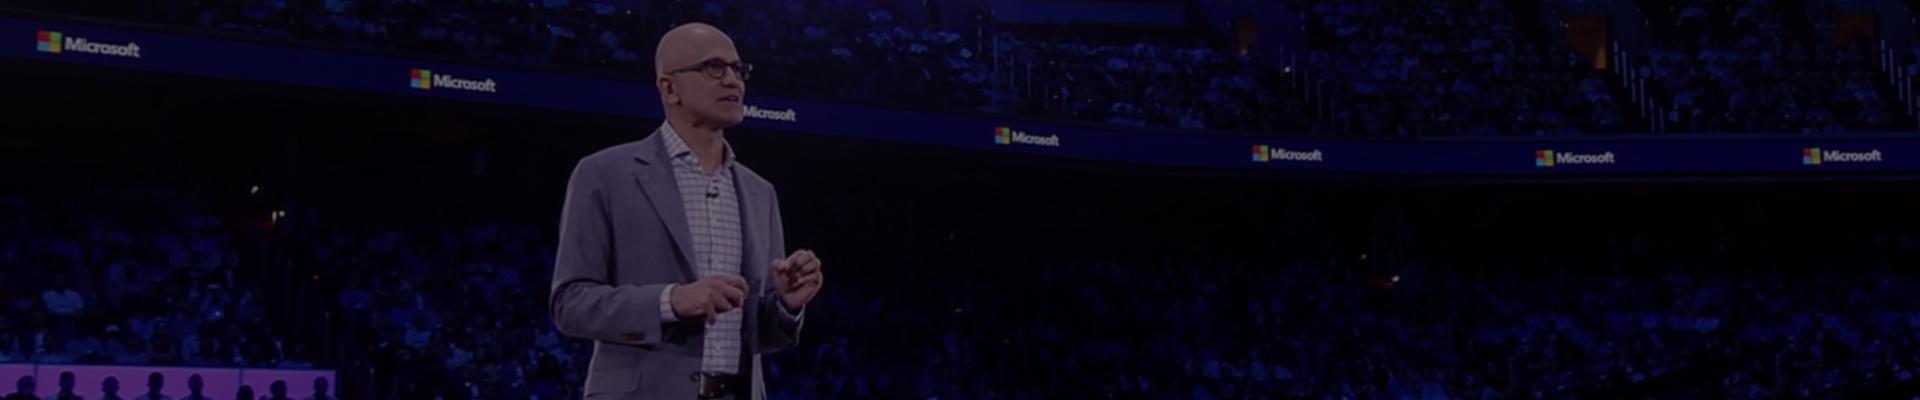 Podívejte se, jak Satya představuje Microsoft 365